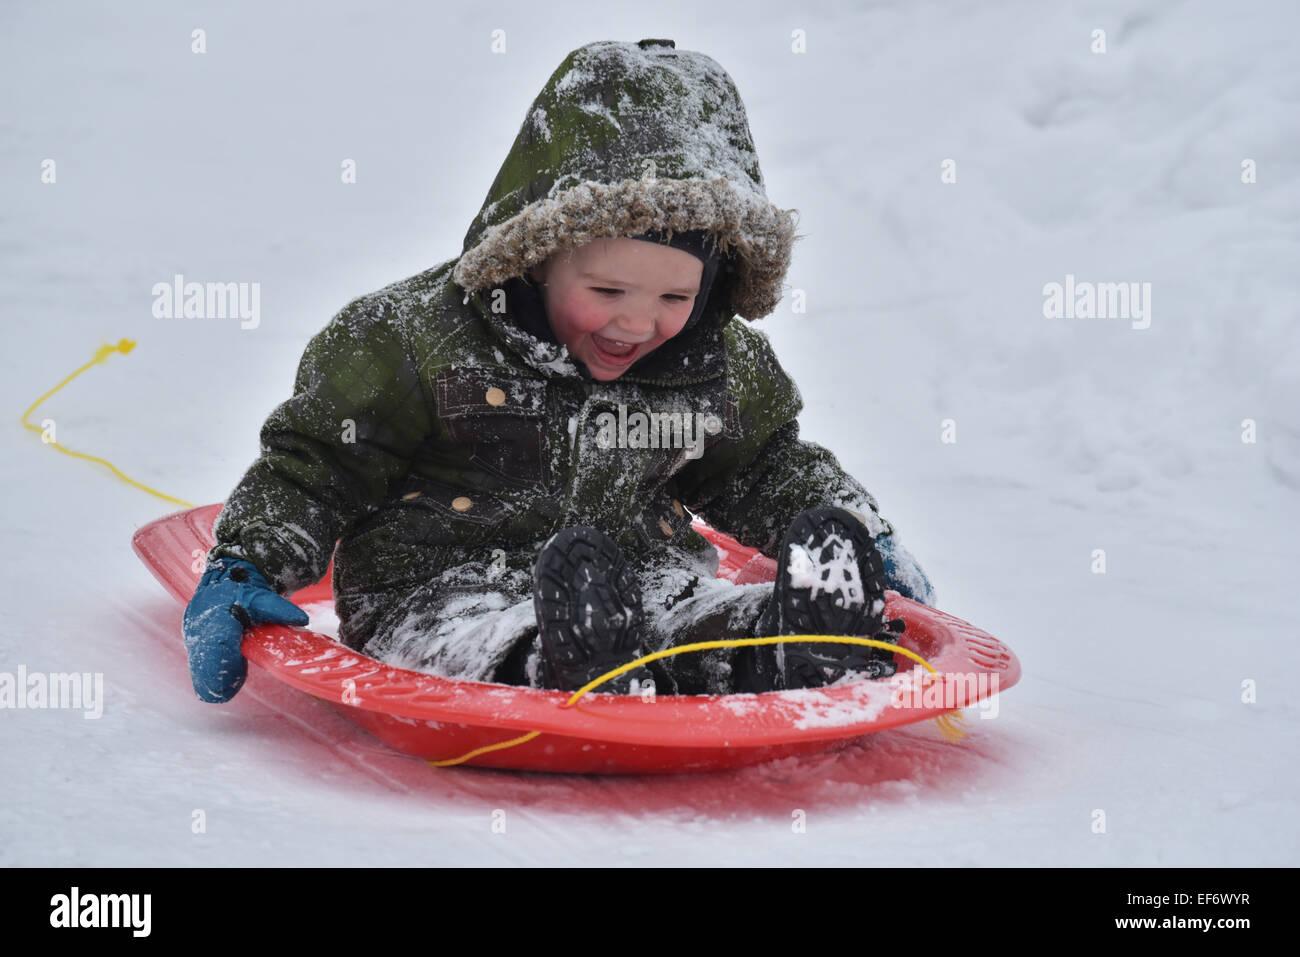 Um rapaz (2 1/2 anos) rindo enquanto o trenó Imagens de Stock